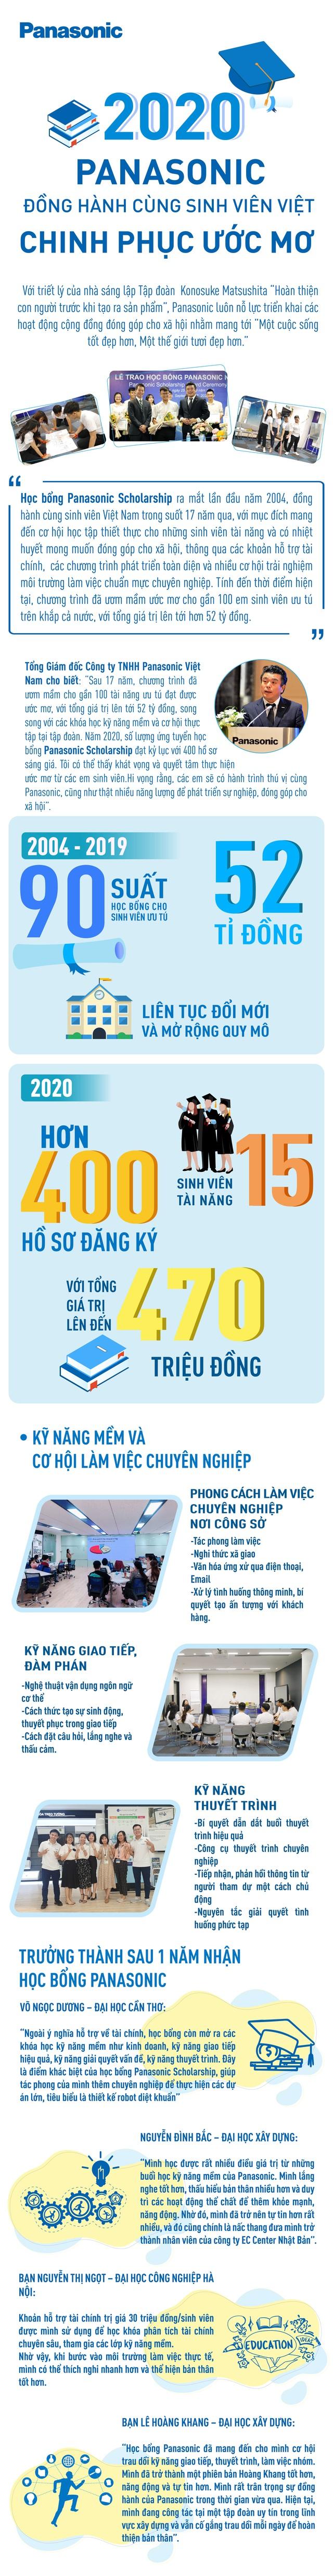 Panasonic đồng hành cùng sinh viên Việt chinh phục ước mơ - Ảnh 1.